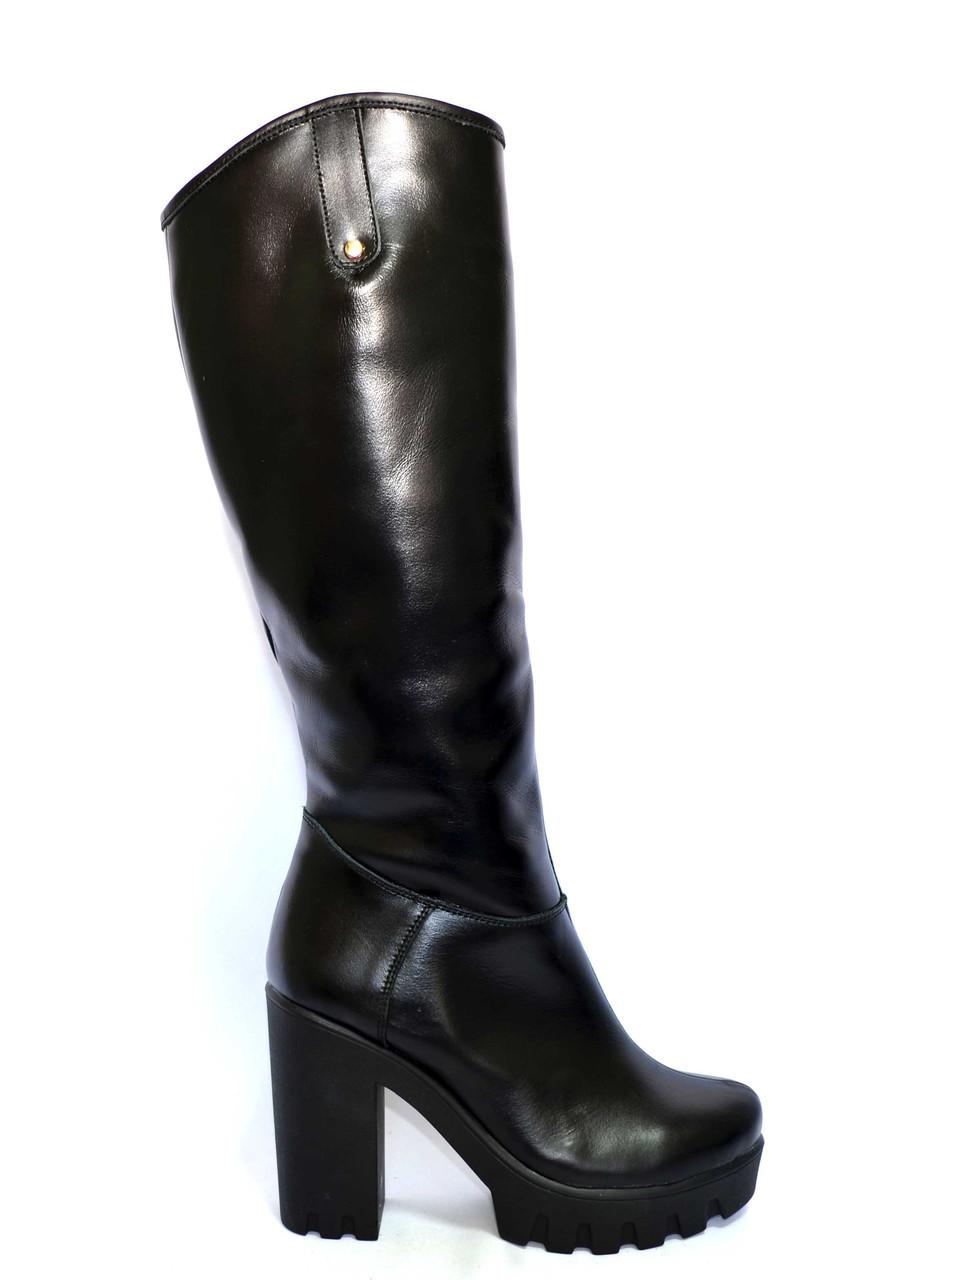 Женские  зимние сапоги на высоком каблуке, натуральная кожа